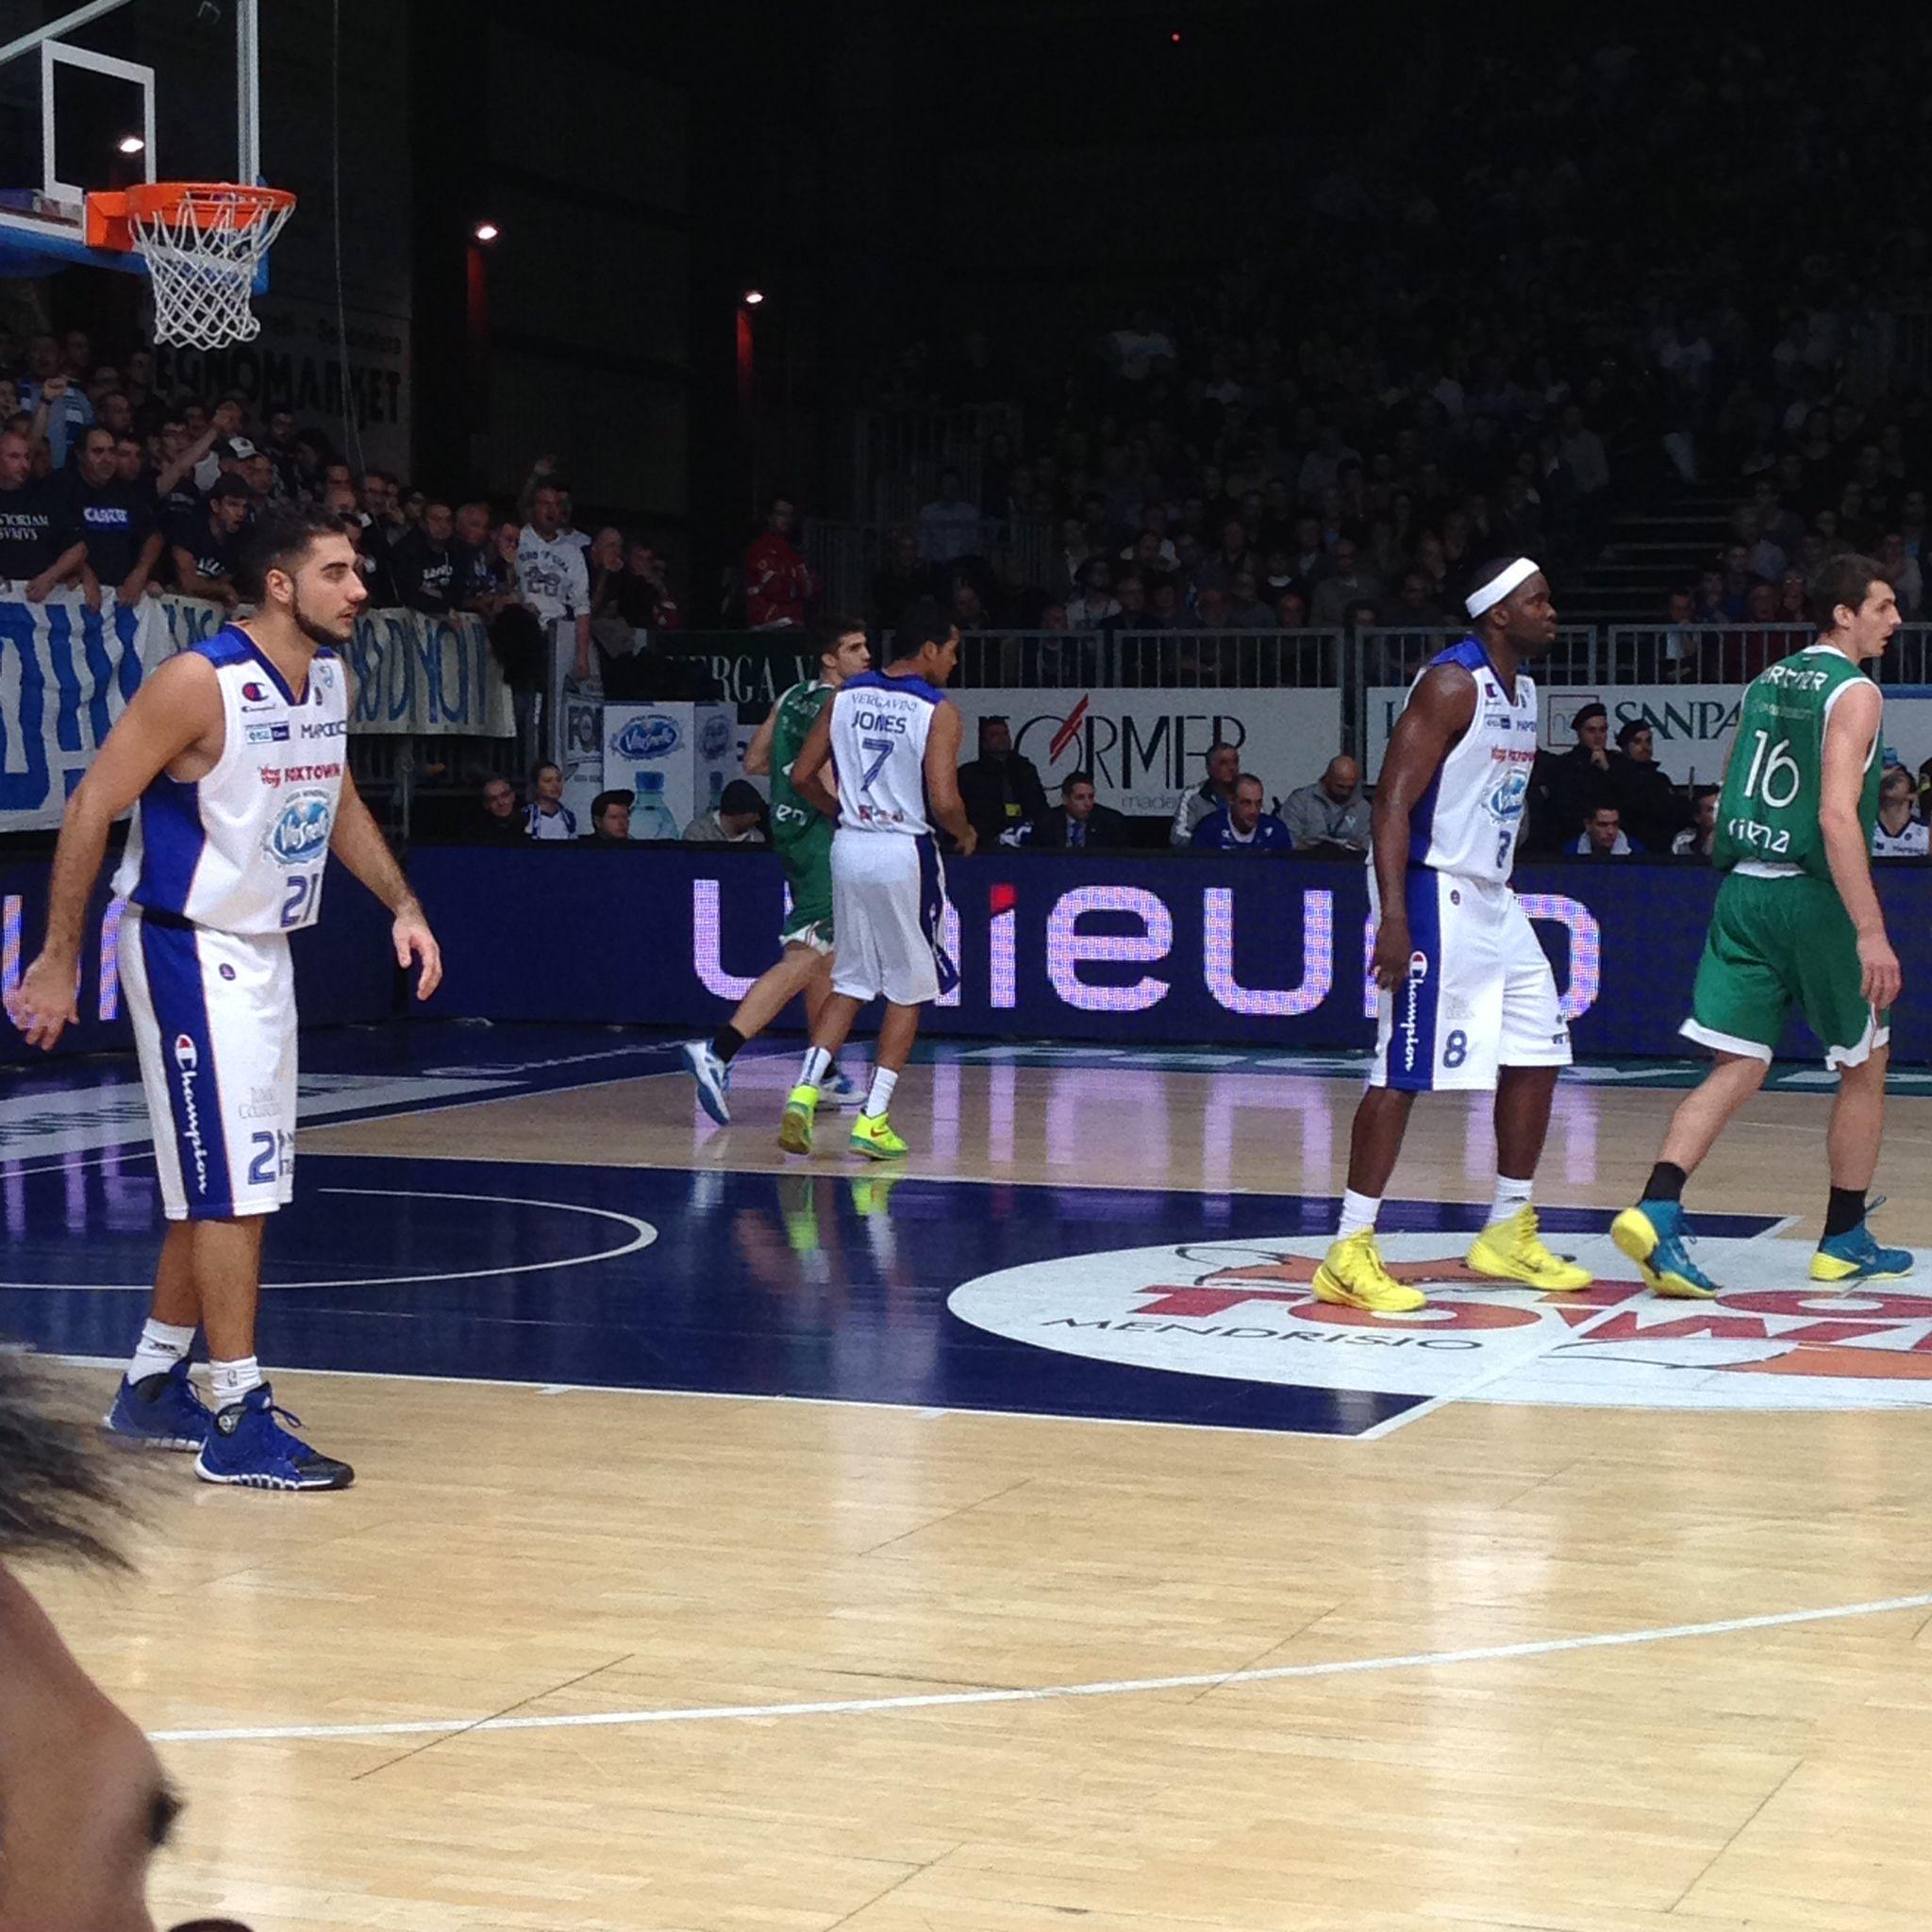 Pallacanestro Cantù - Montepaschi Siena. La prima partita con la maglia targata Acqua Vitasnella si conclude con un grande successo per i ragazzi della Pallacanestro Cantù.